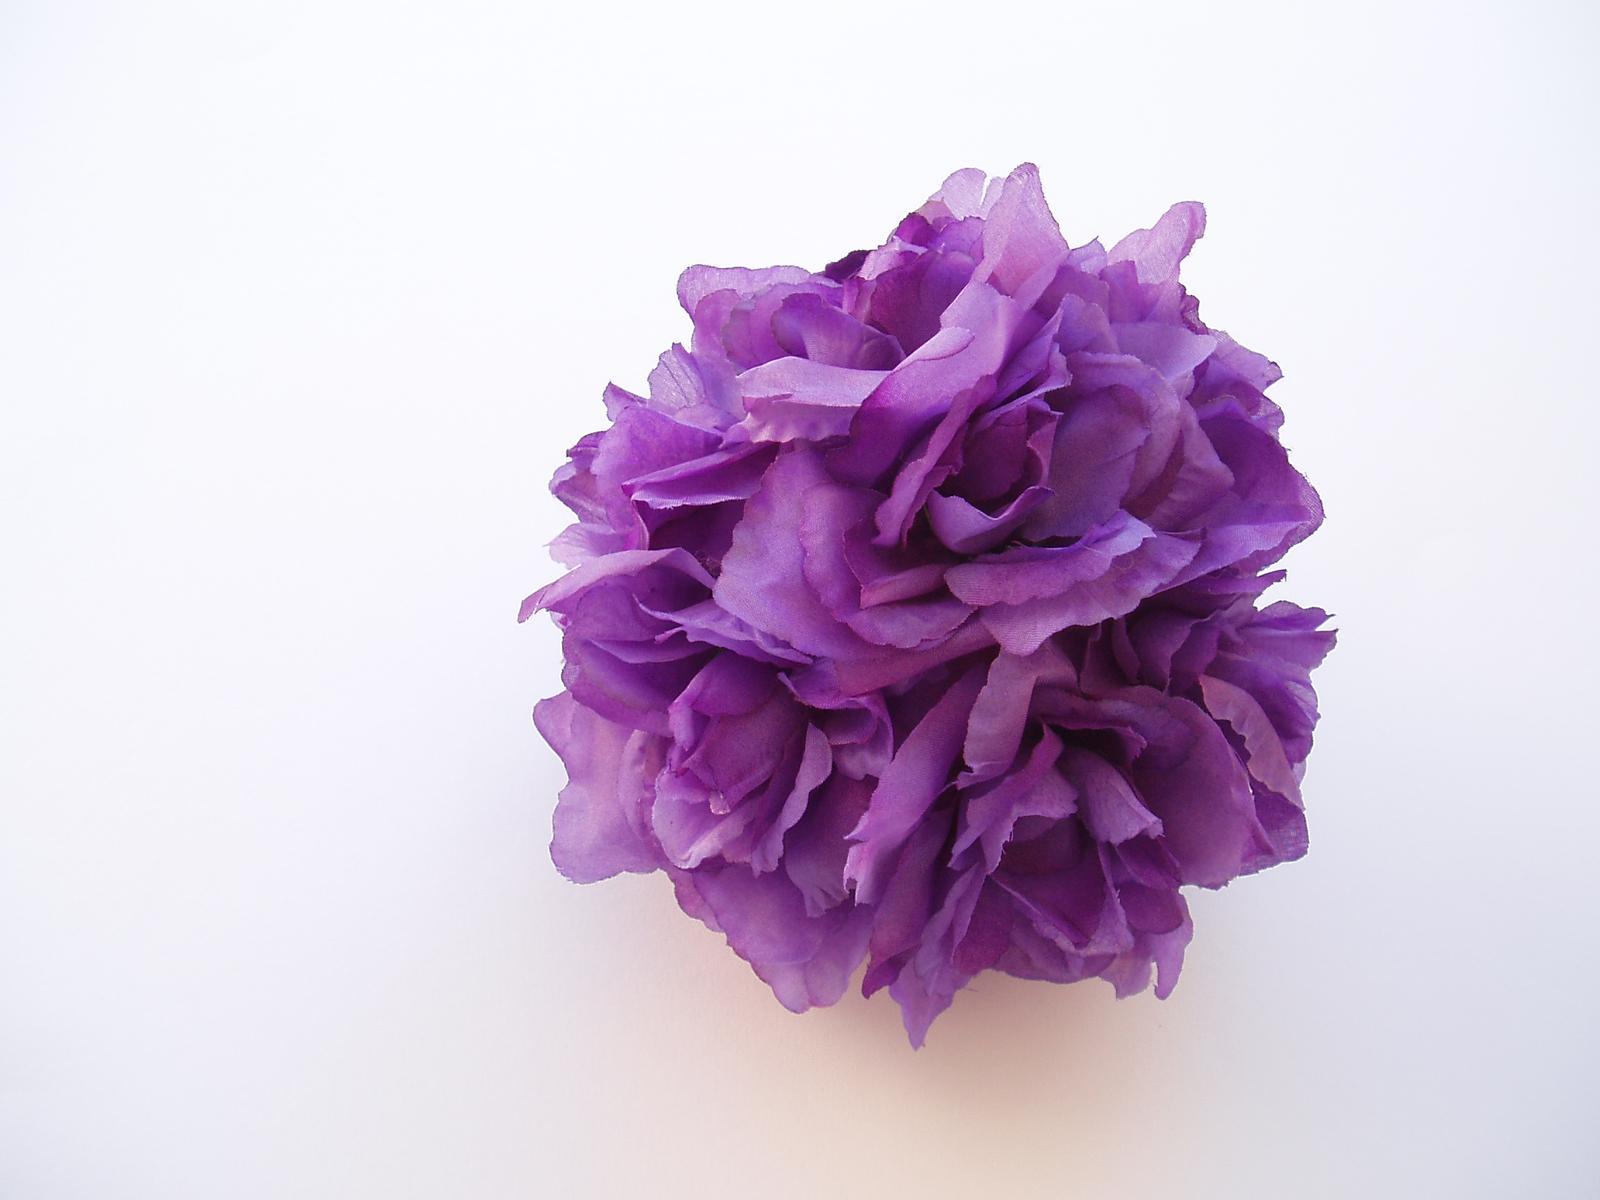 dekorační koule-fialová - Obrázek č. 1